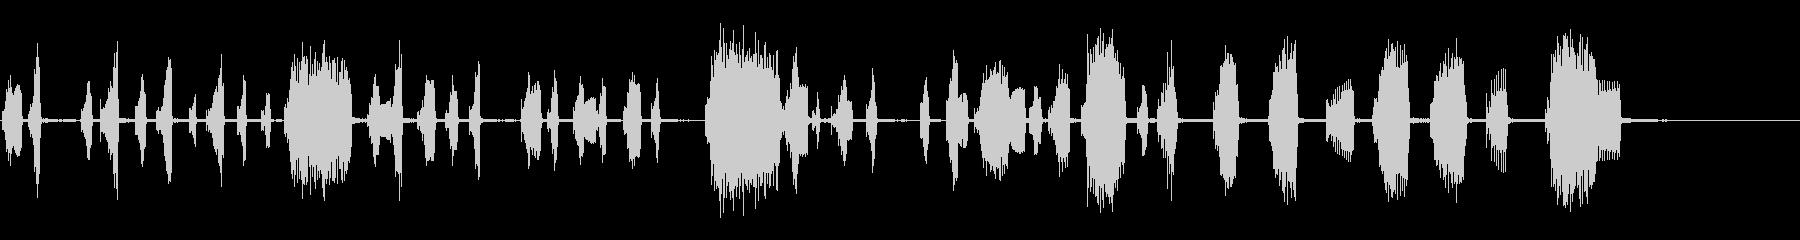 アコーデオン:不思議なリズムのアク...の未再生の波形